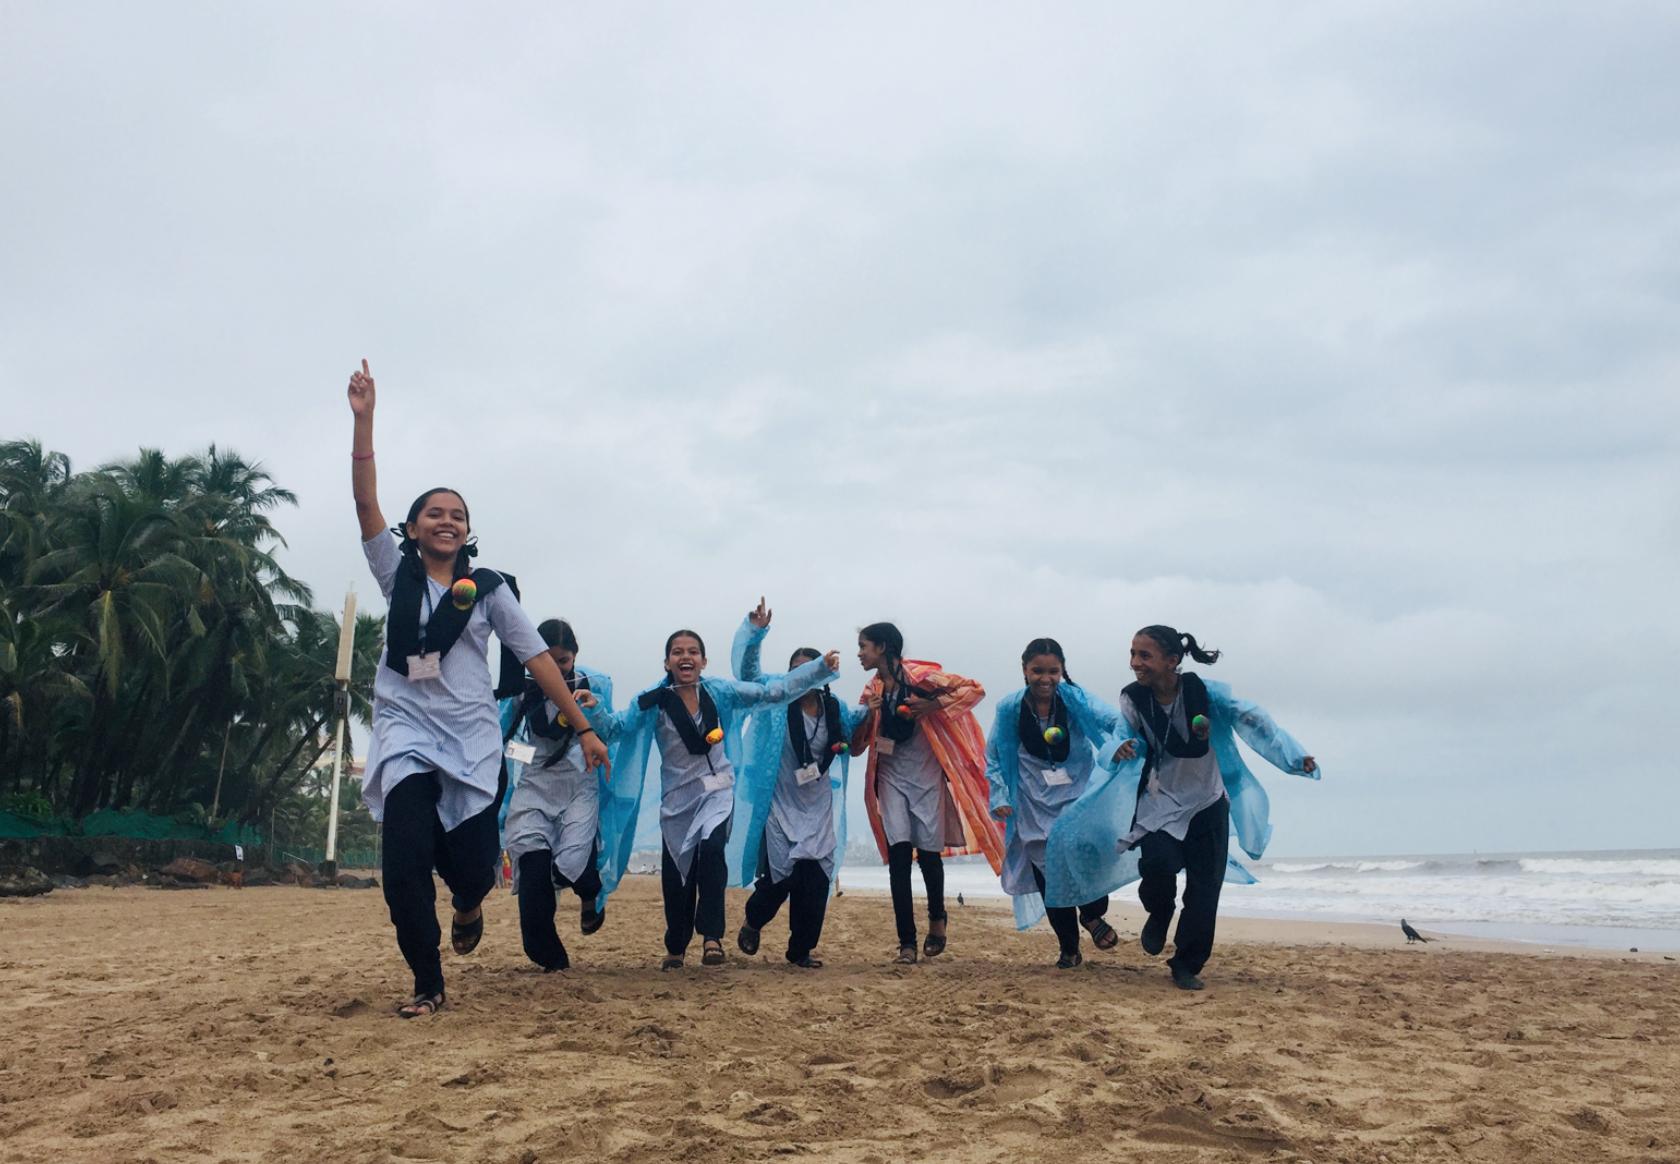 kids running beach